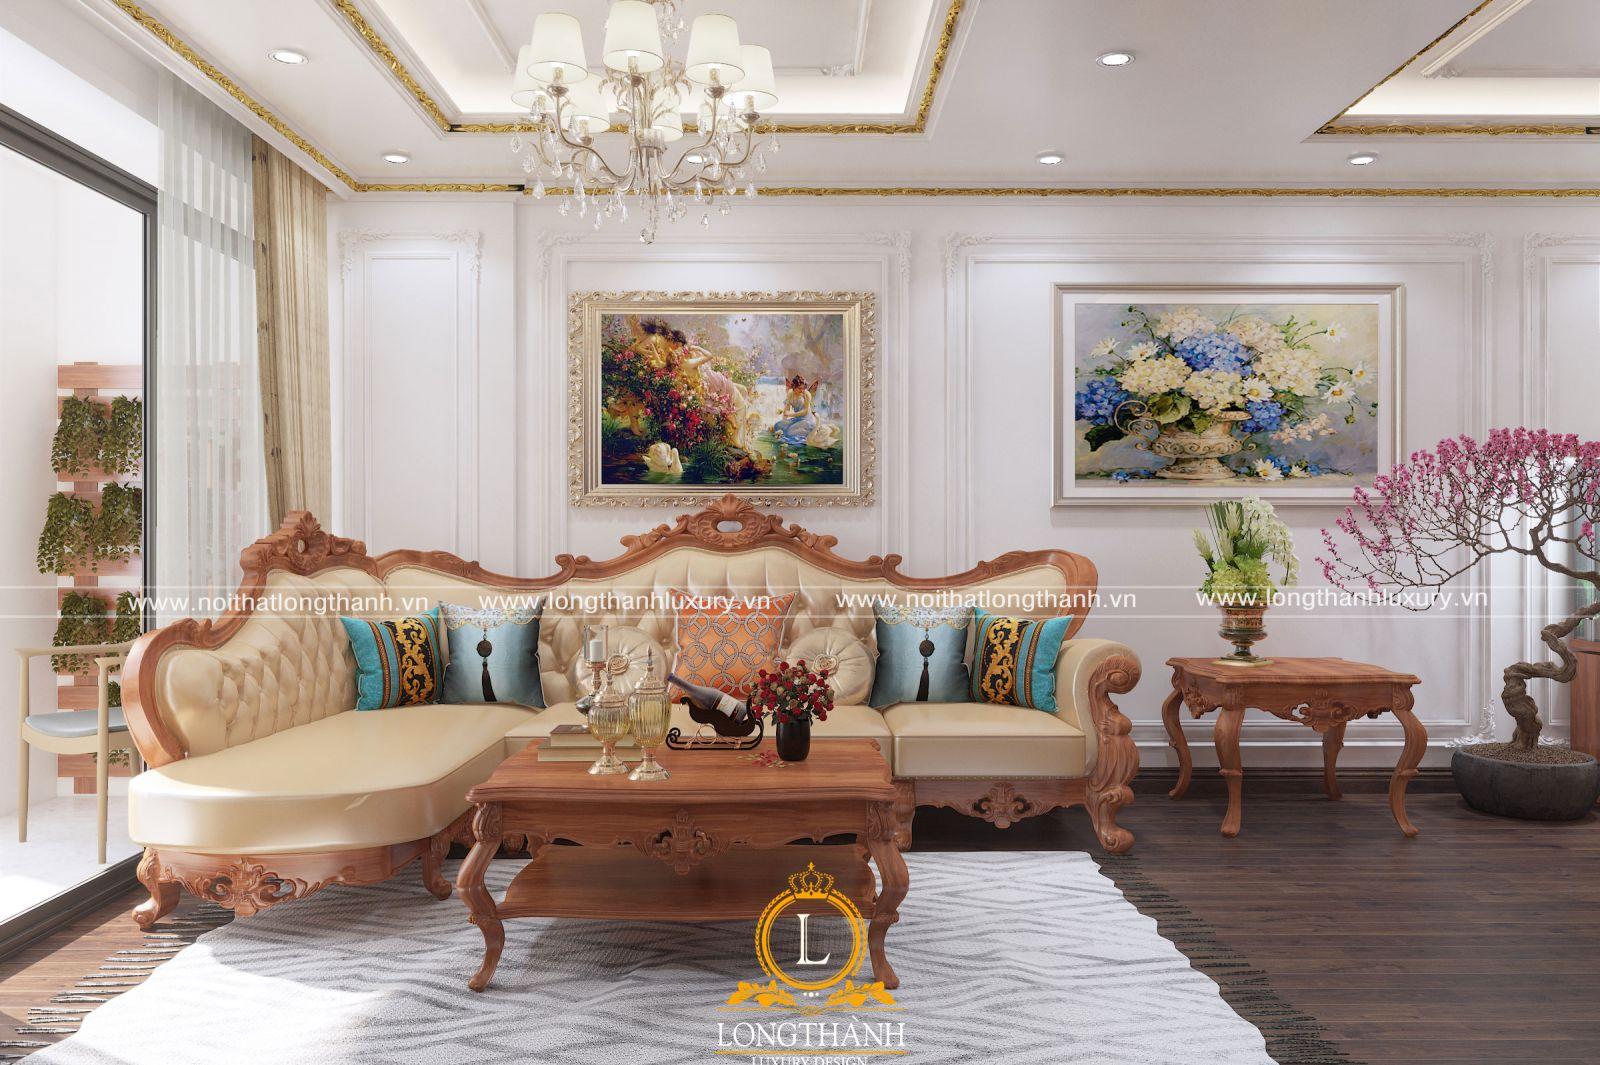 Sofa được làm từ gỗ sồi mang vẻ đẹp bền lâu